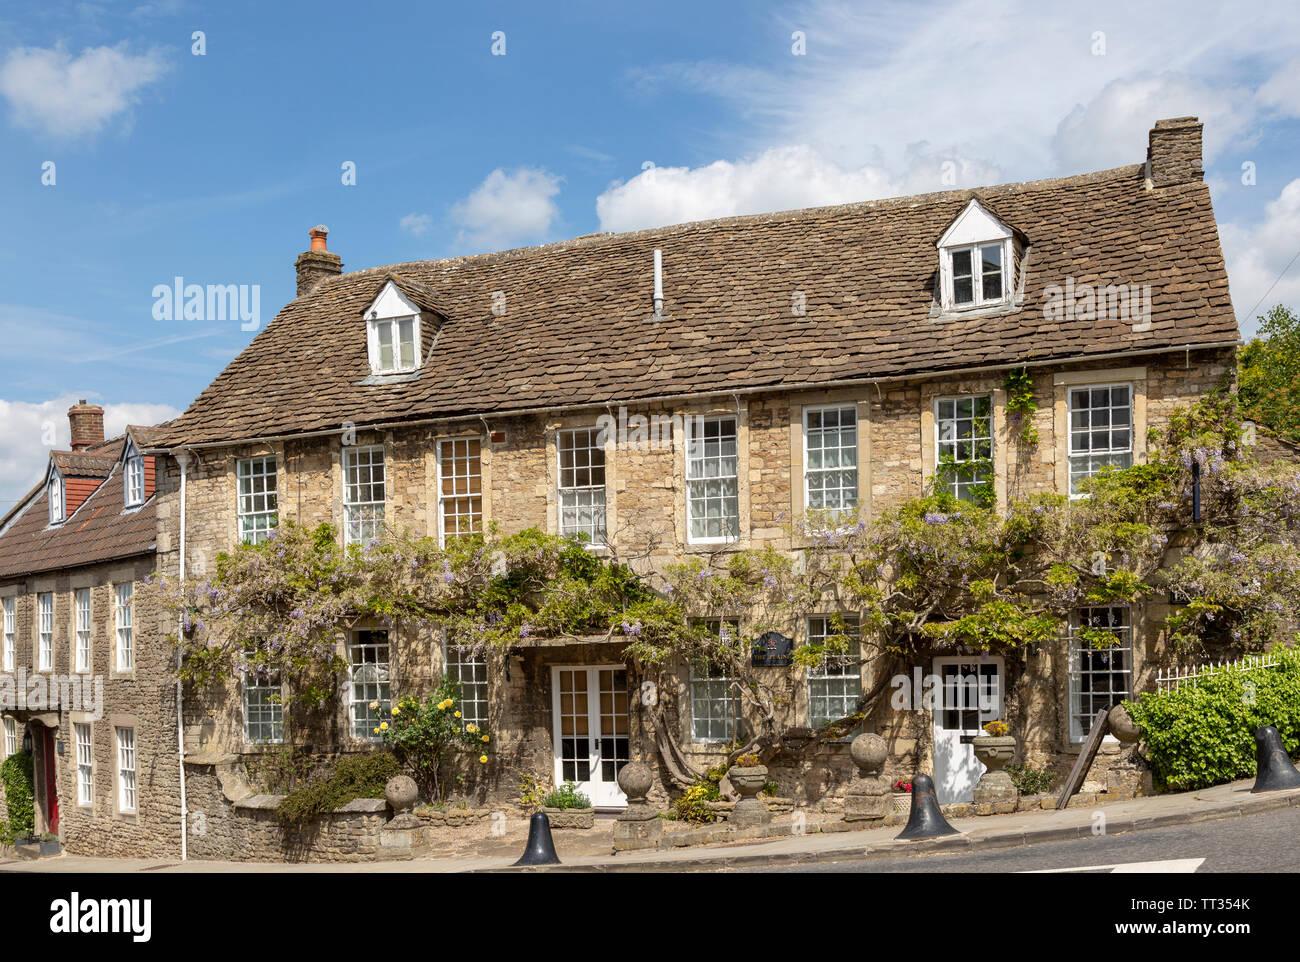 Historische Gebäude aus Stein im Dorf von Norton St Philip, Somerset, England, Großbritannien Stockbild